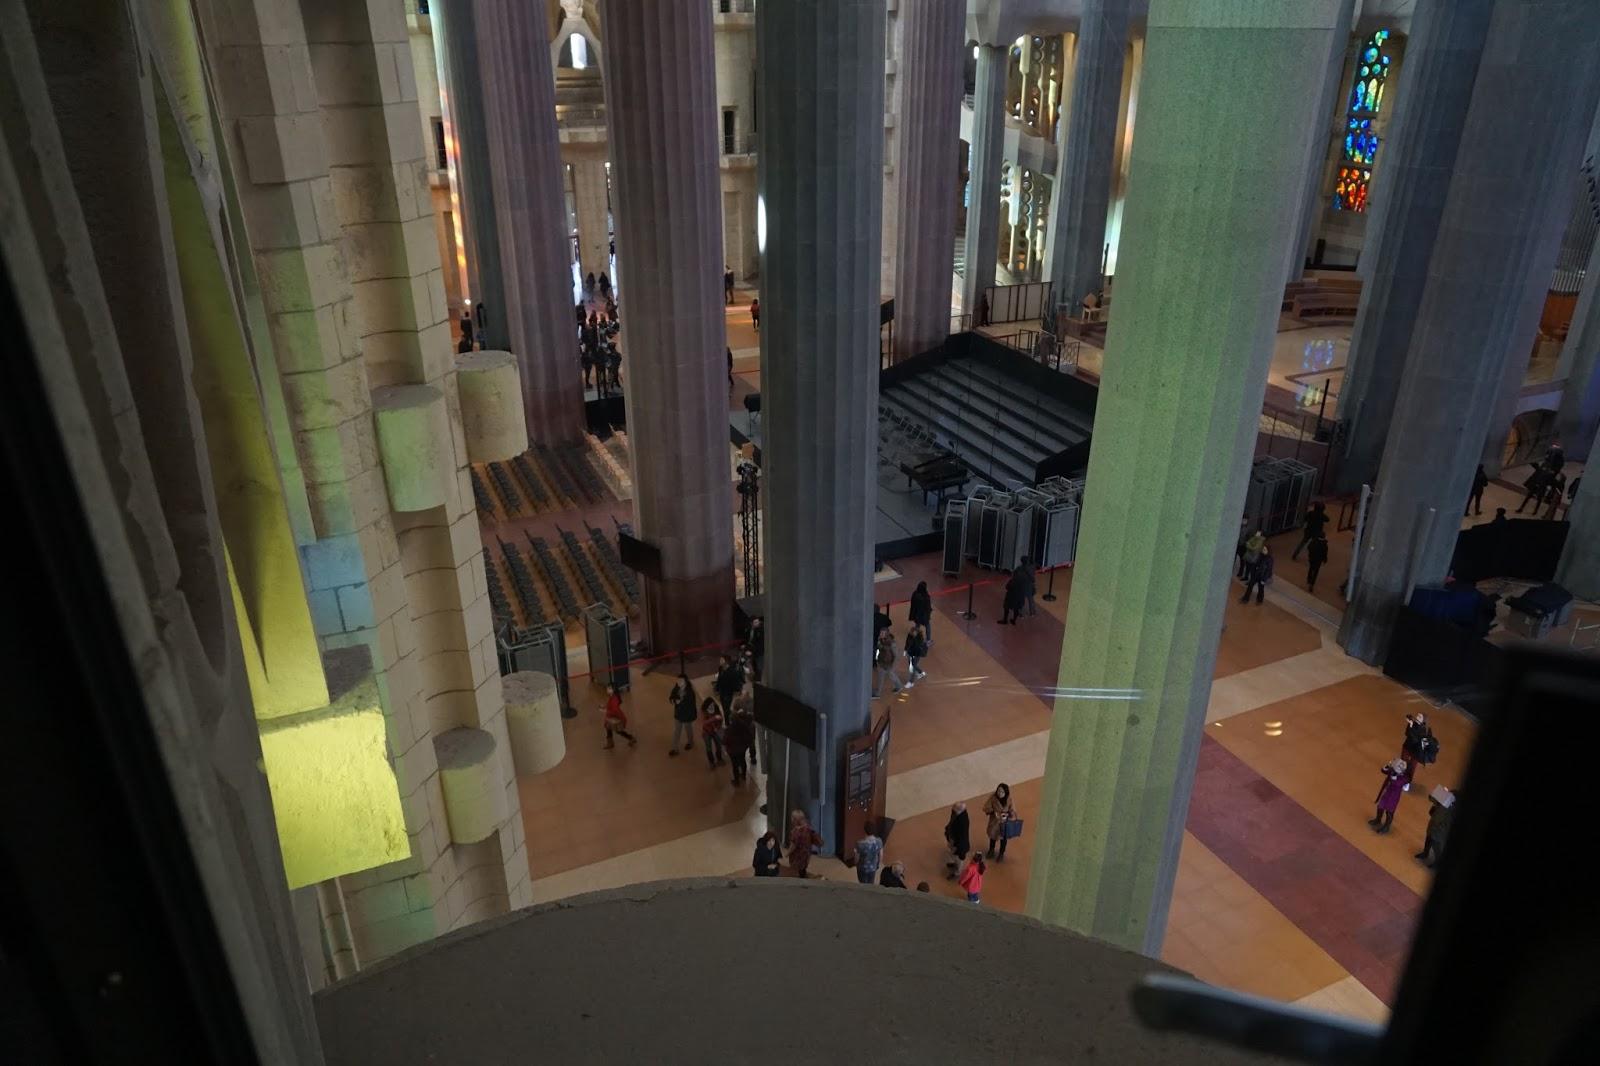 サグラダ・ファミリア (Sagrada Familia) 螺旋階段から聖堂内を見下ろす